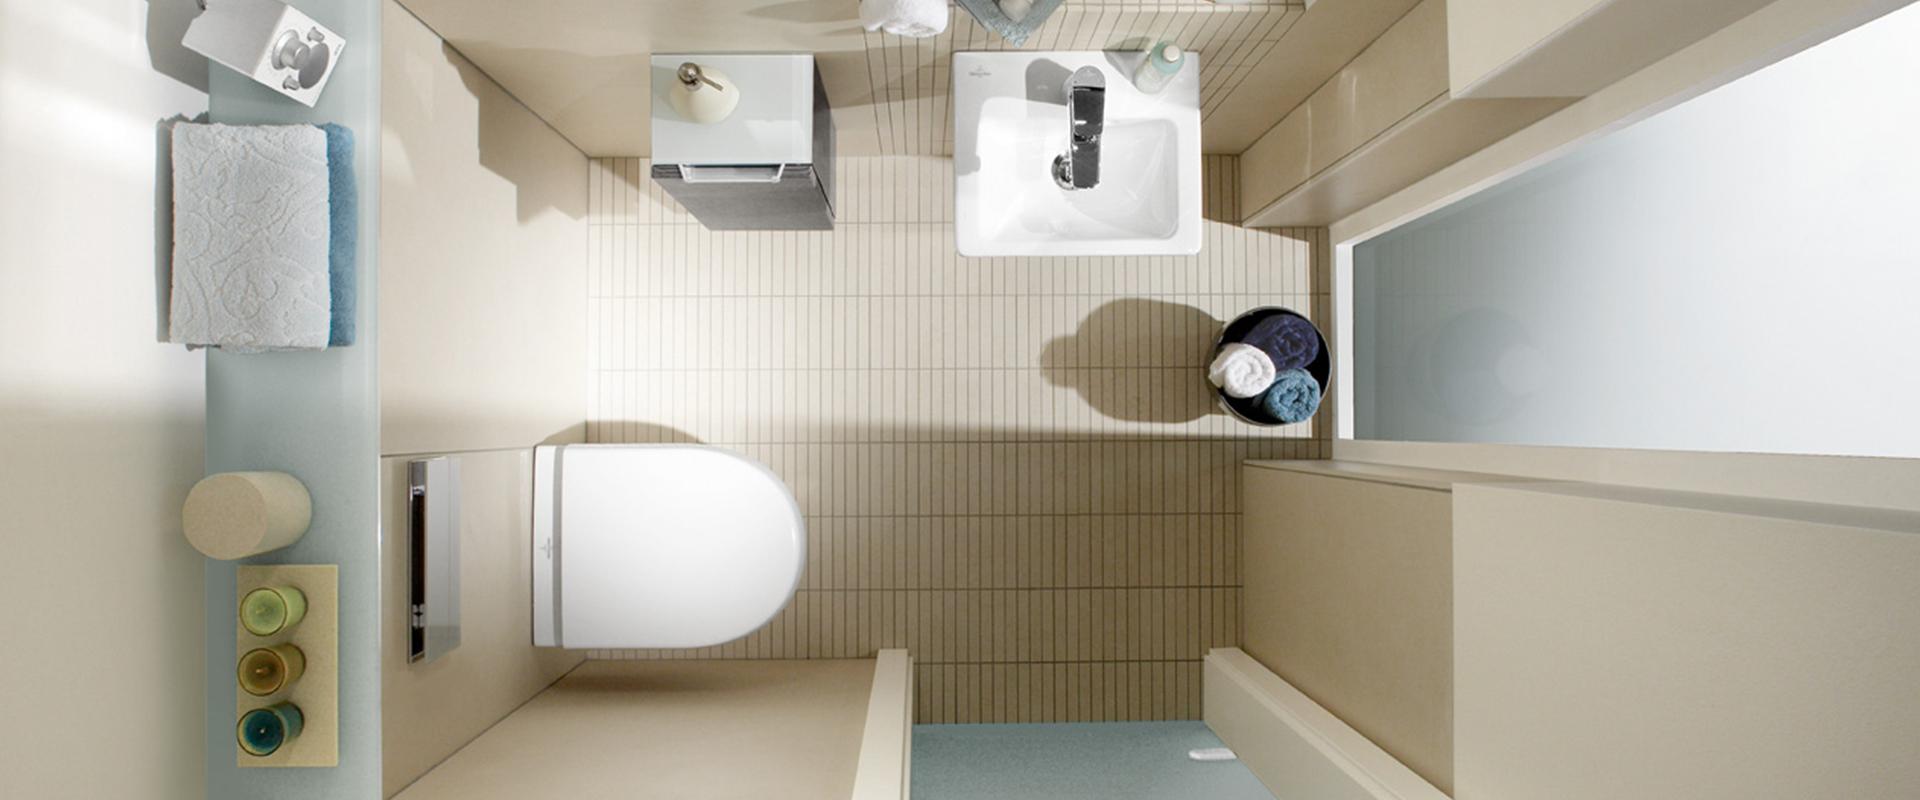 Bathroom Solutions From Villeroy U0026 Boch